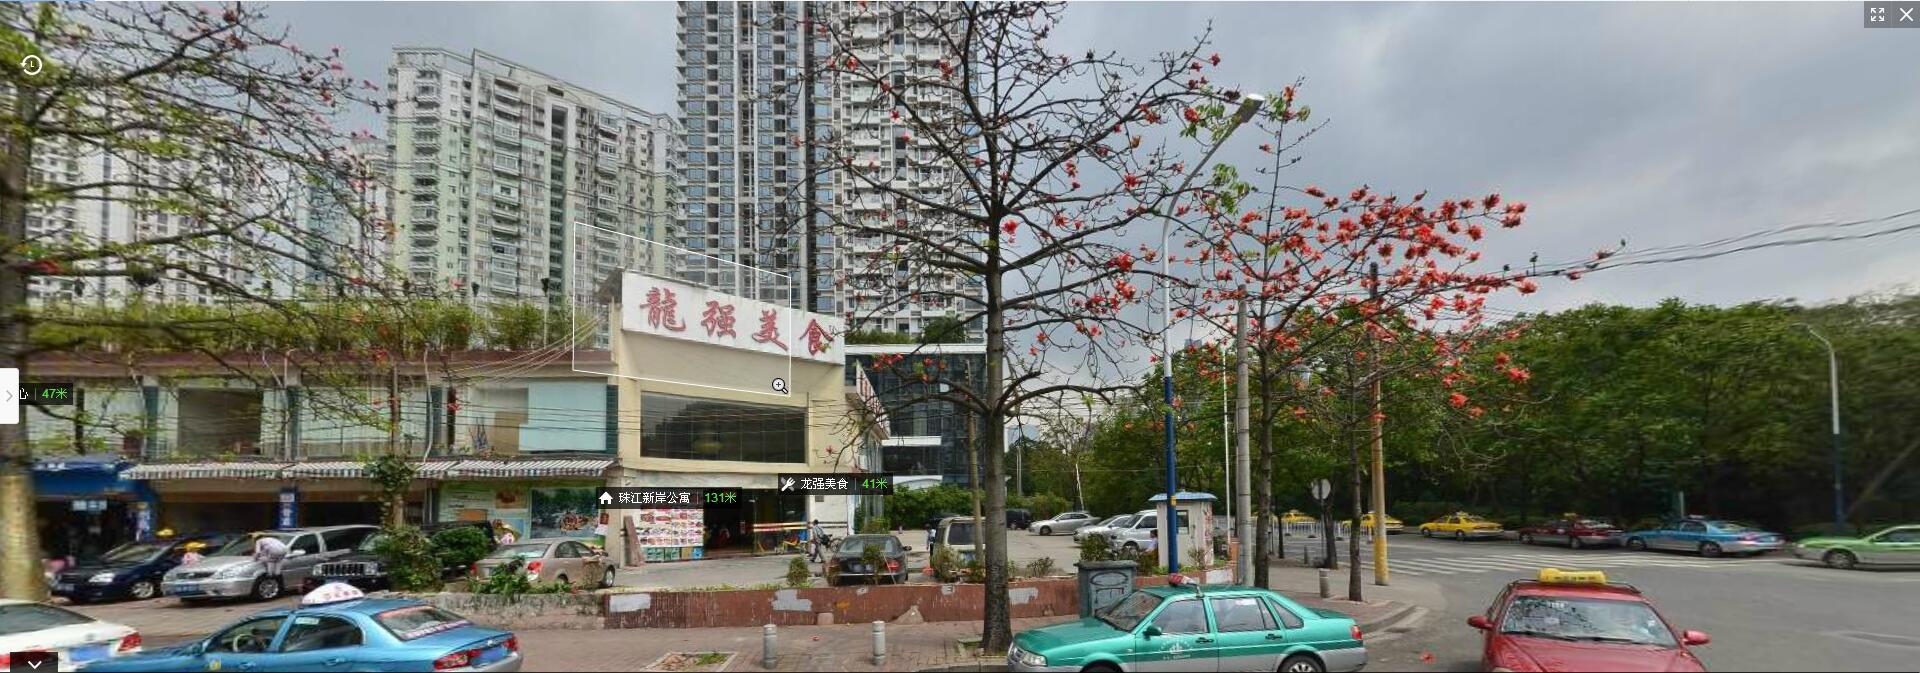 东莞土地ope手机客户端及广州市海珠区商住项目转让